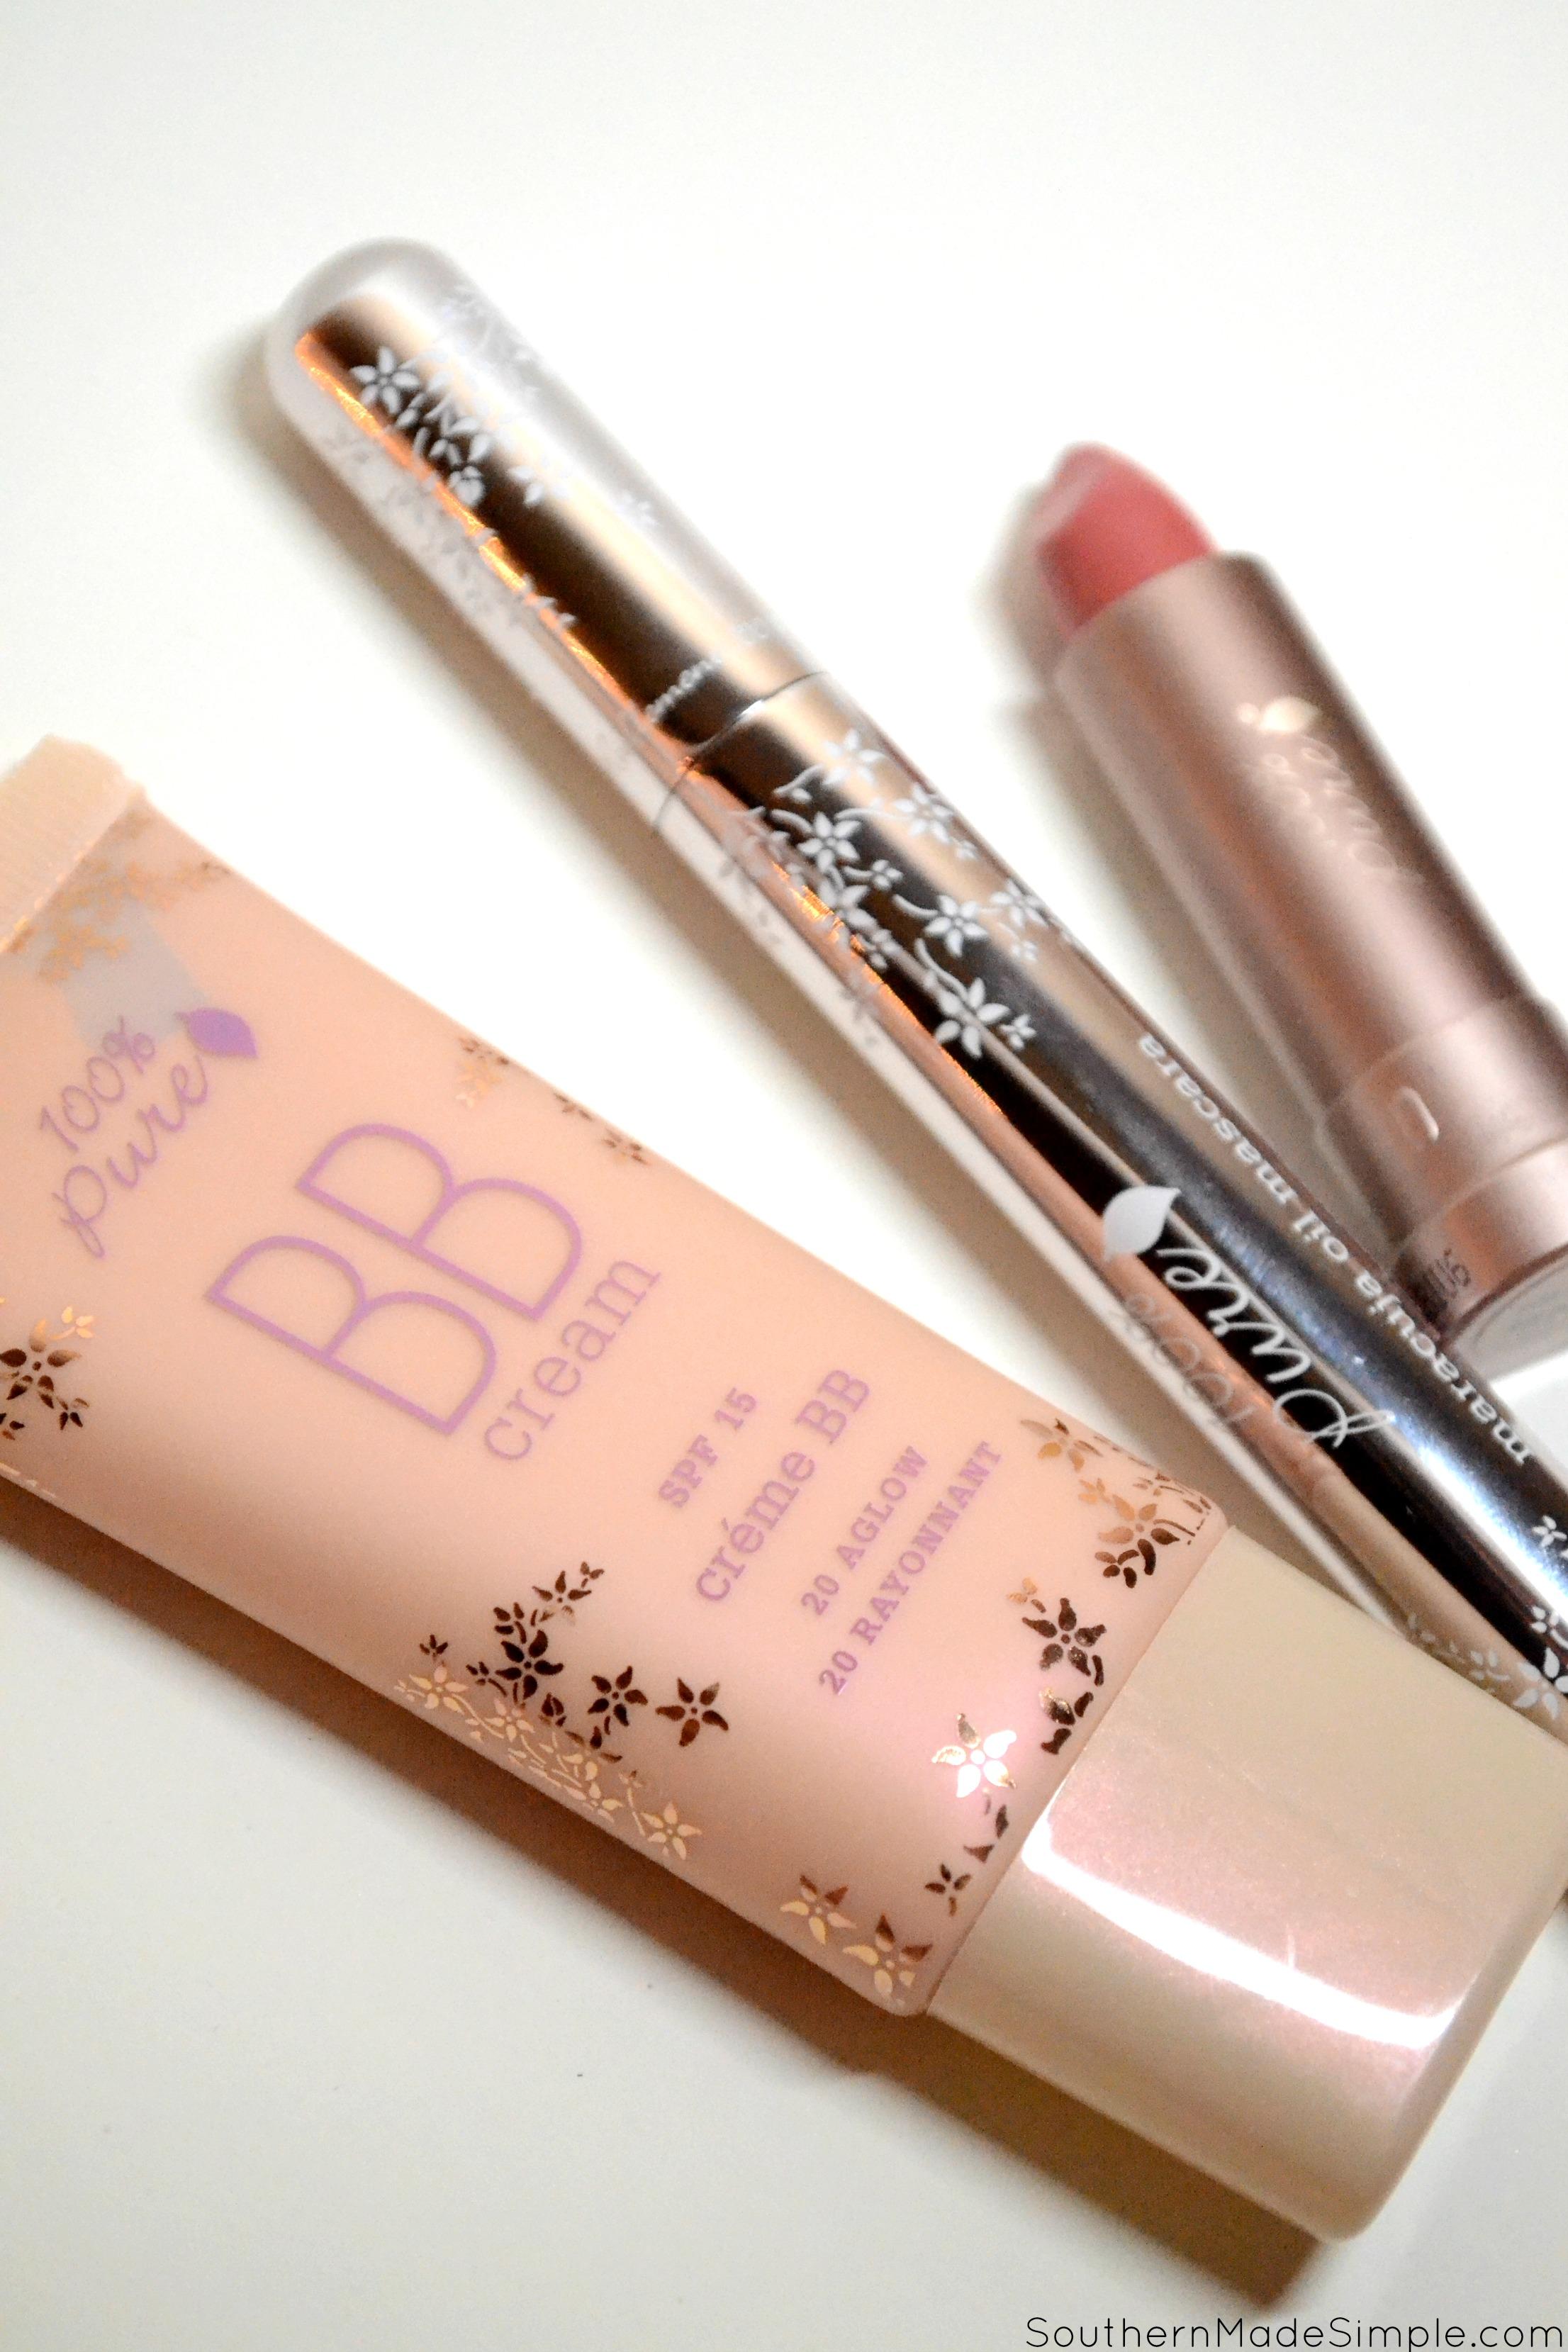 100 Percent Pure Makeup Review